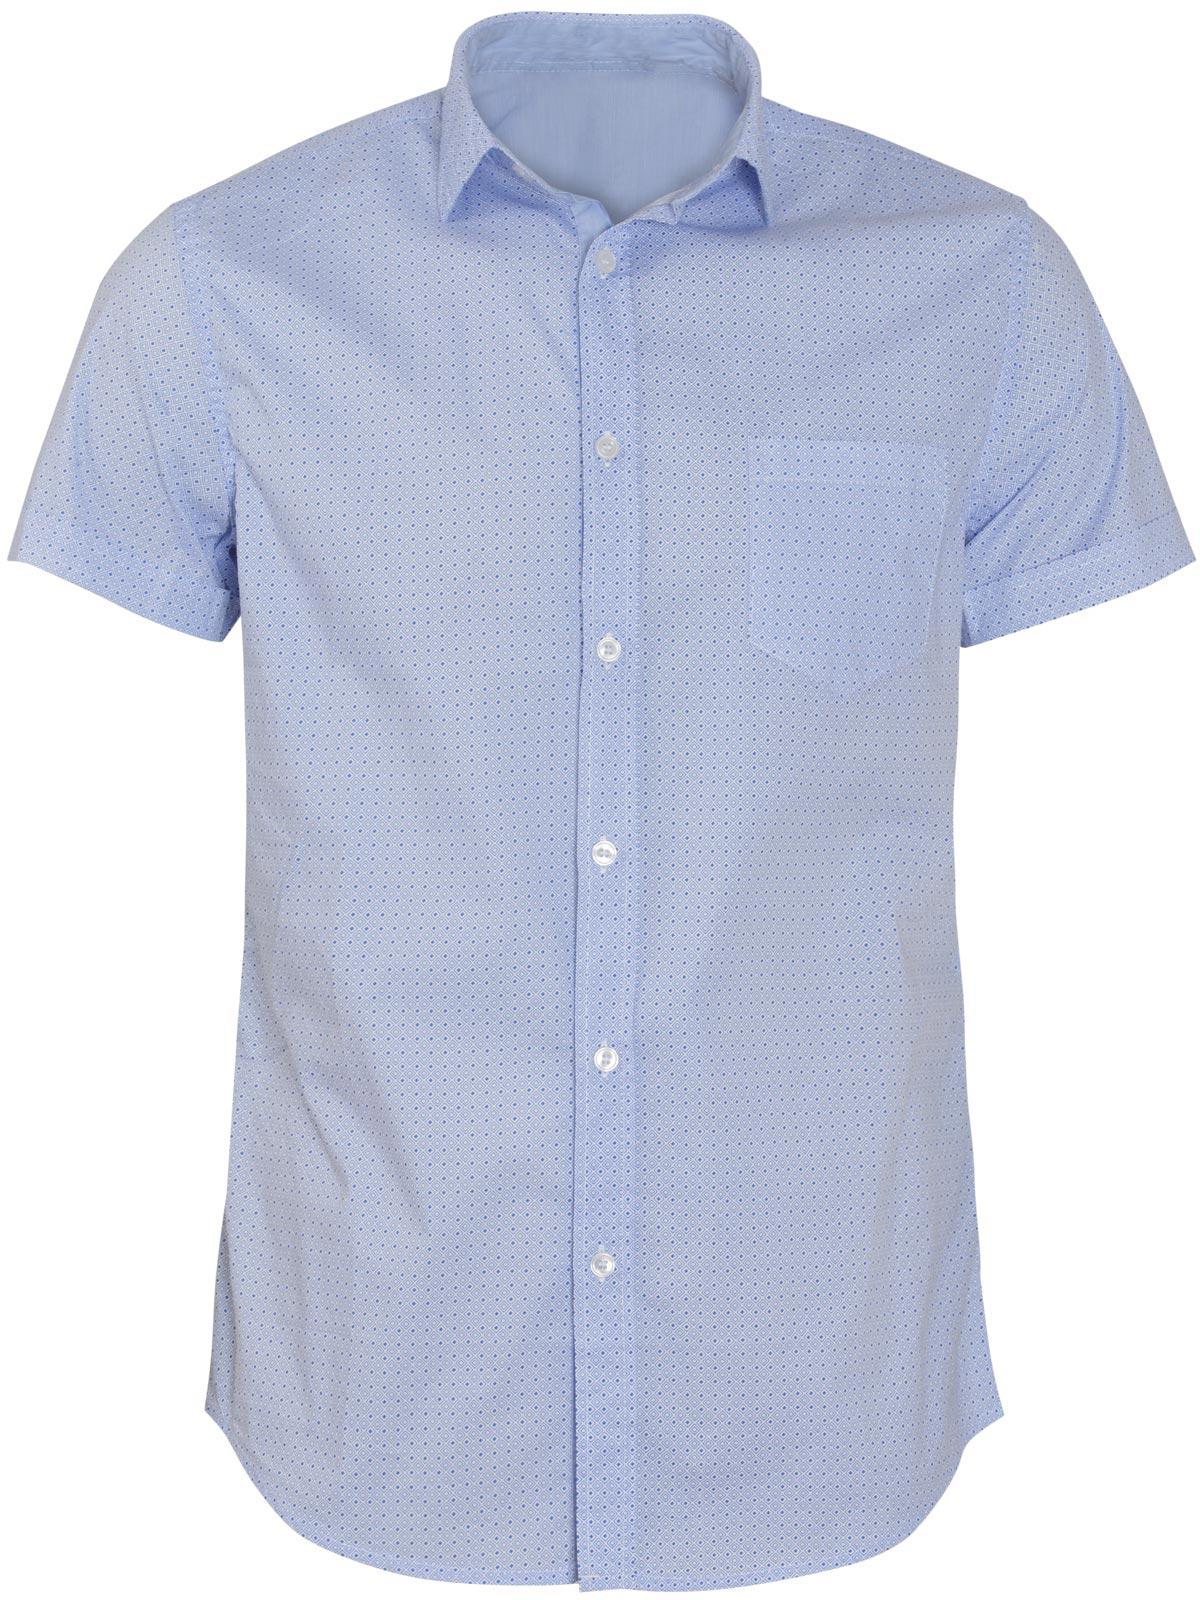 Πουκάμισο με Μικρό Τύπωμα - Slim Fit ανδρικά   πουκάμισα